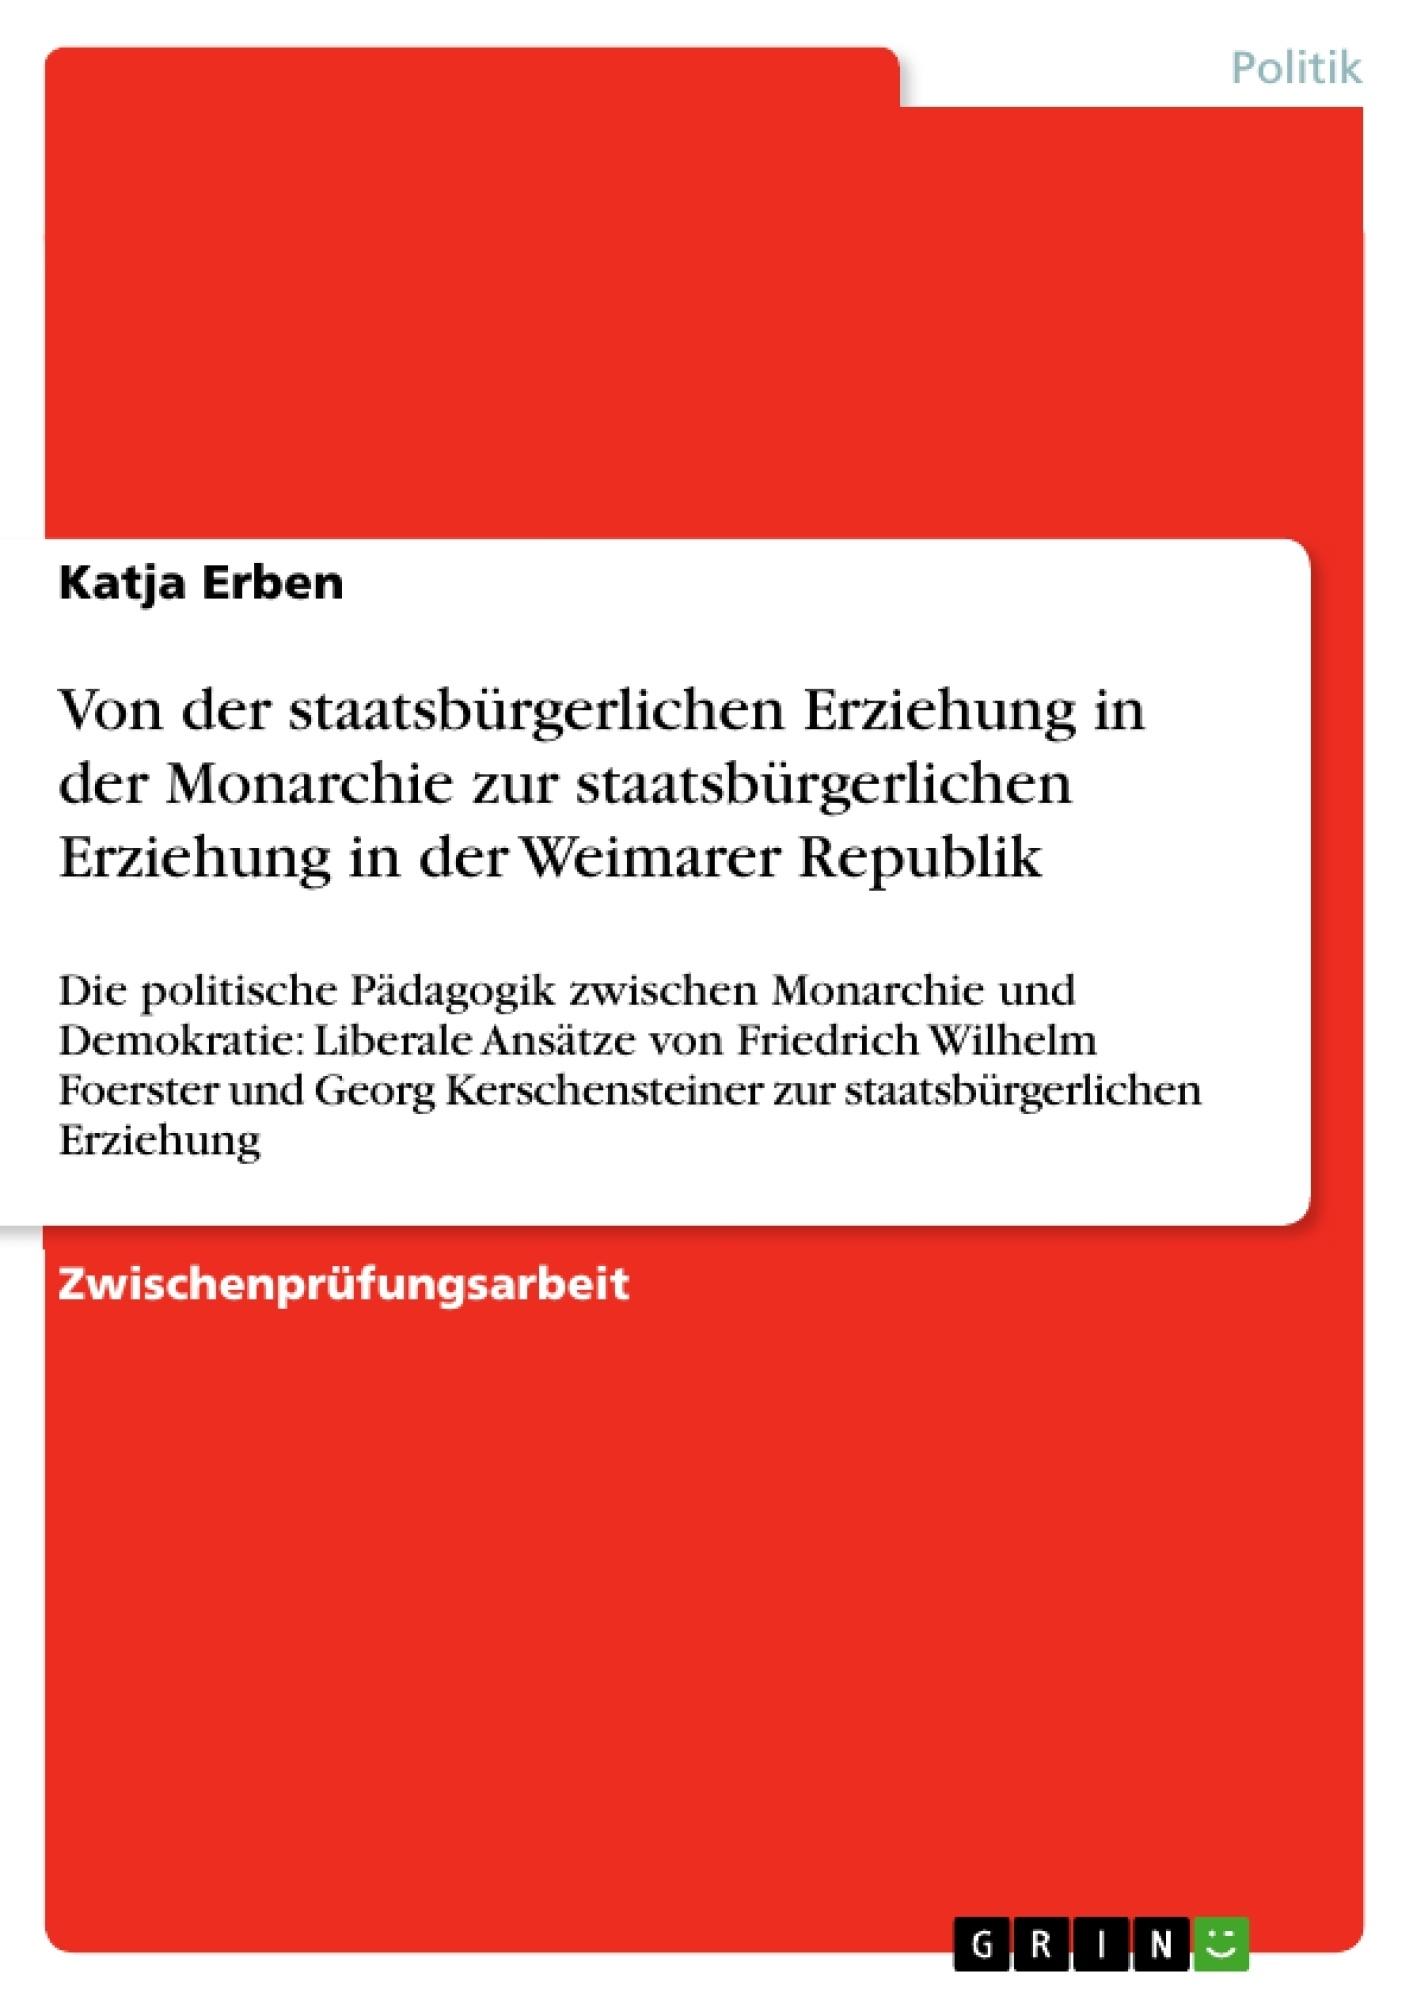 Titel: Von der staatsbürgerlichen Erziehung in der Monarchie zur staatsbürgerlichen Erziehung in der Weimarer Republik